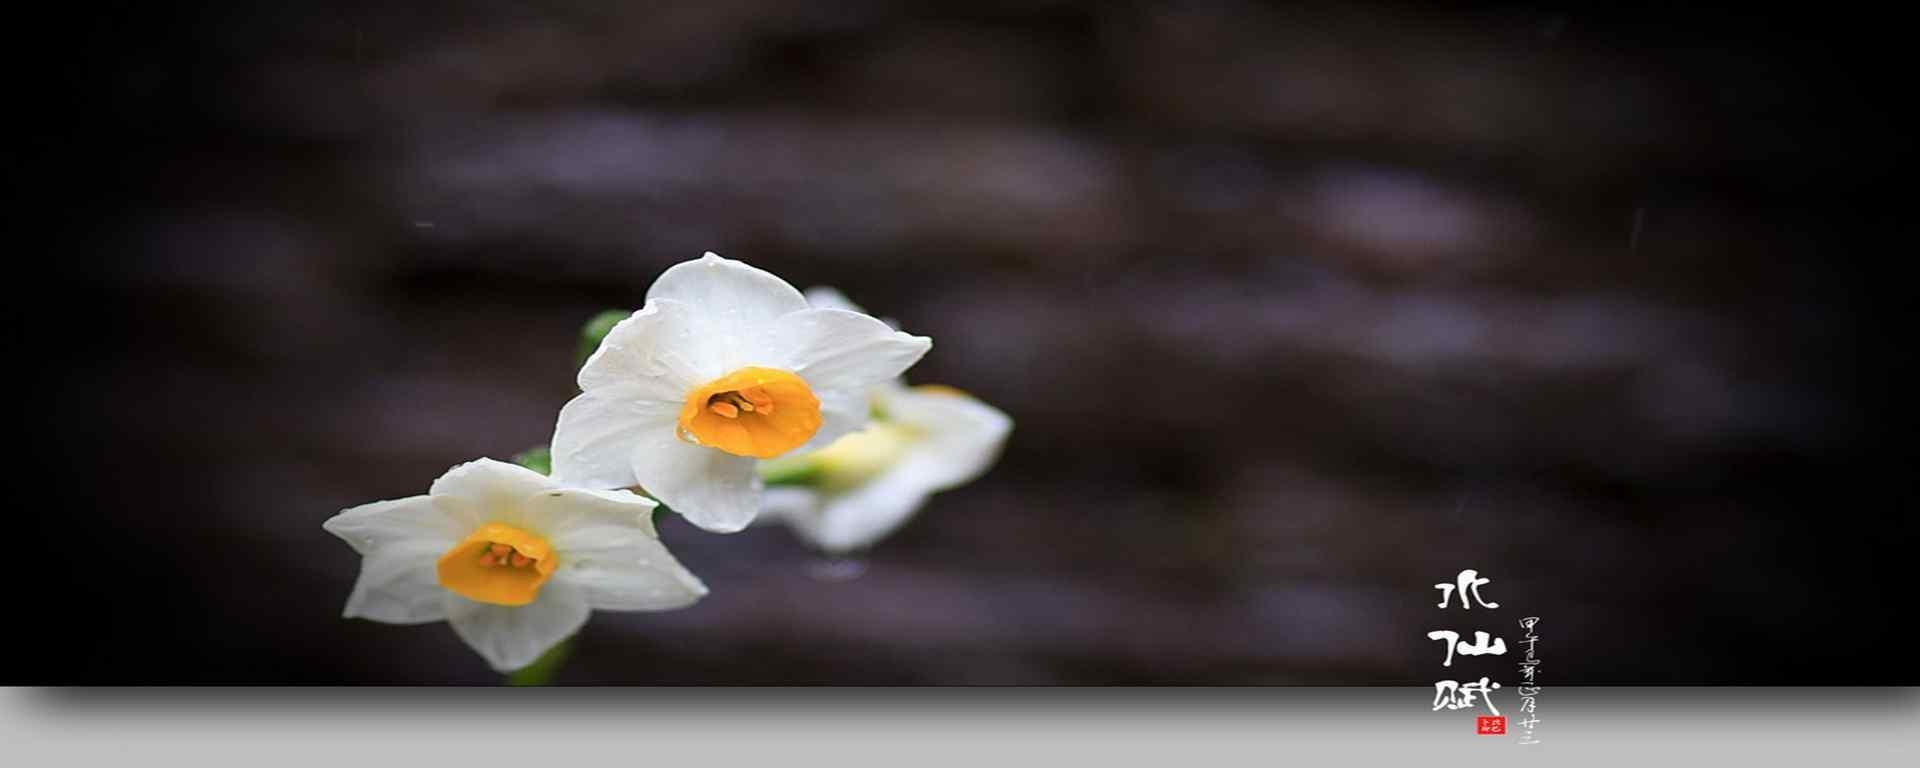 水仙花_水仙花的花语_水仙花开_水仙花图片_水仙花植物壁纸